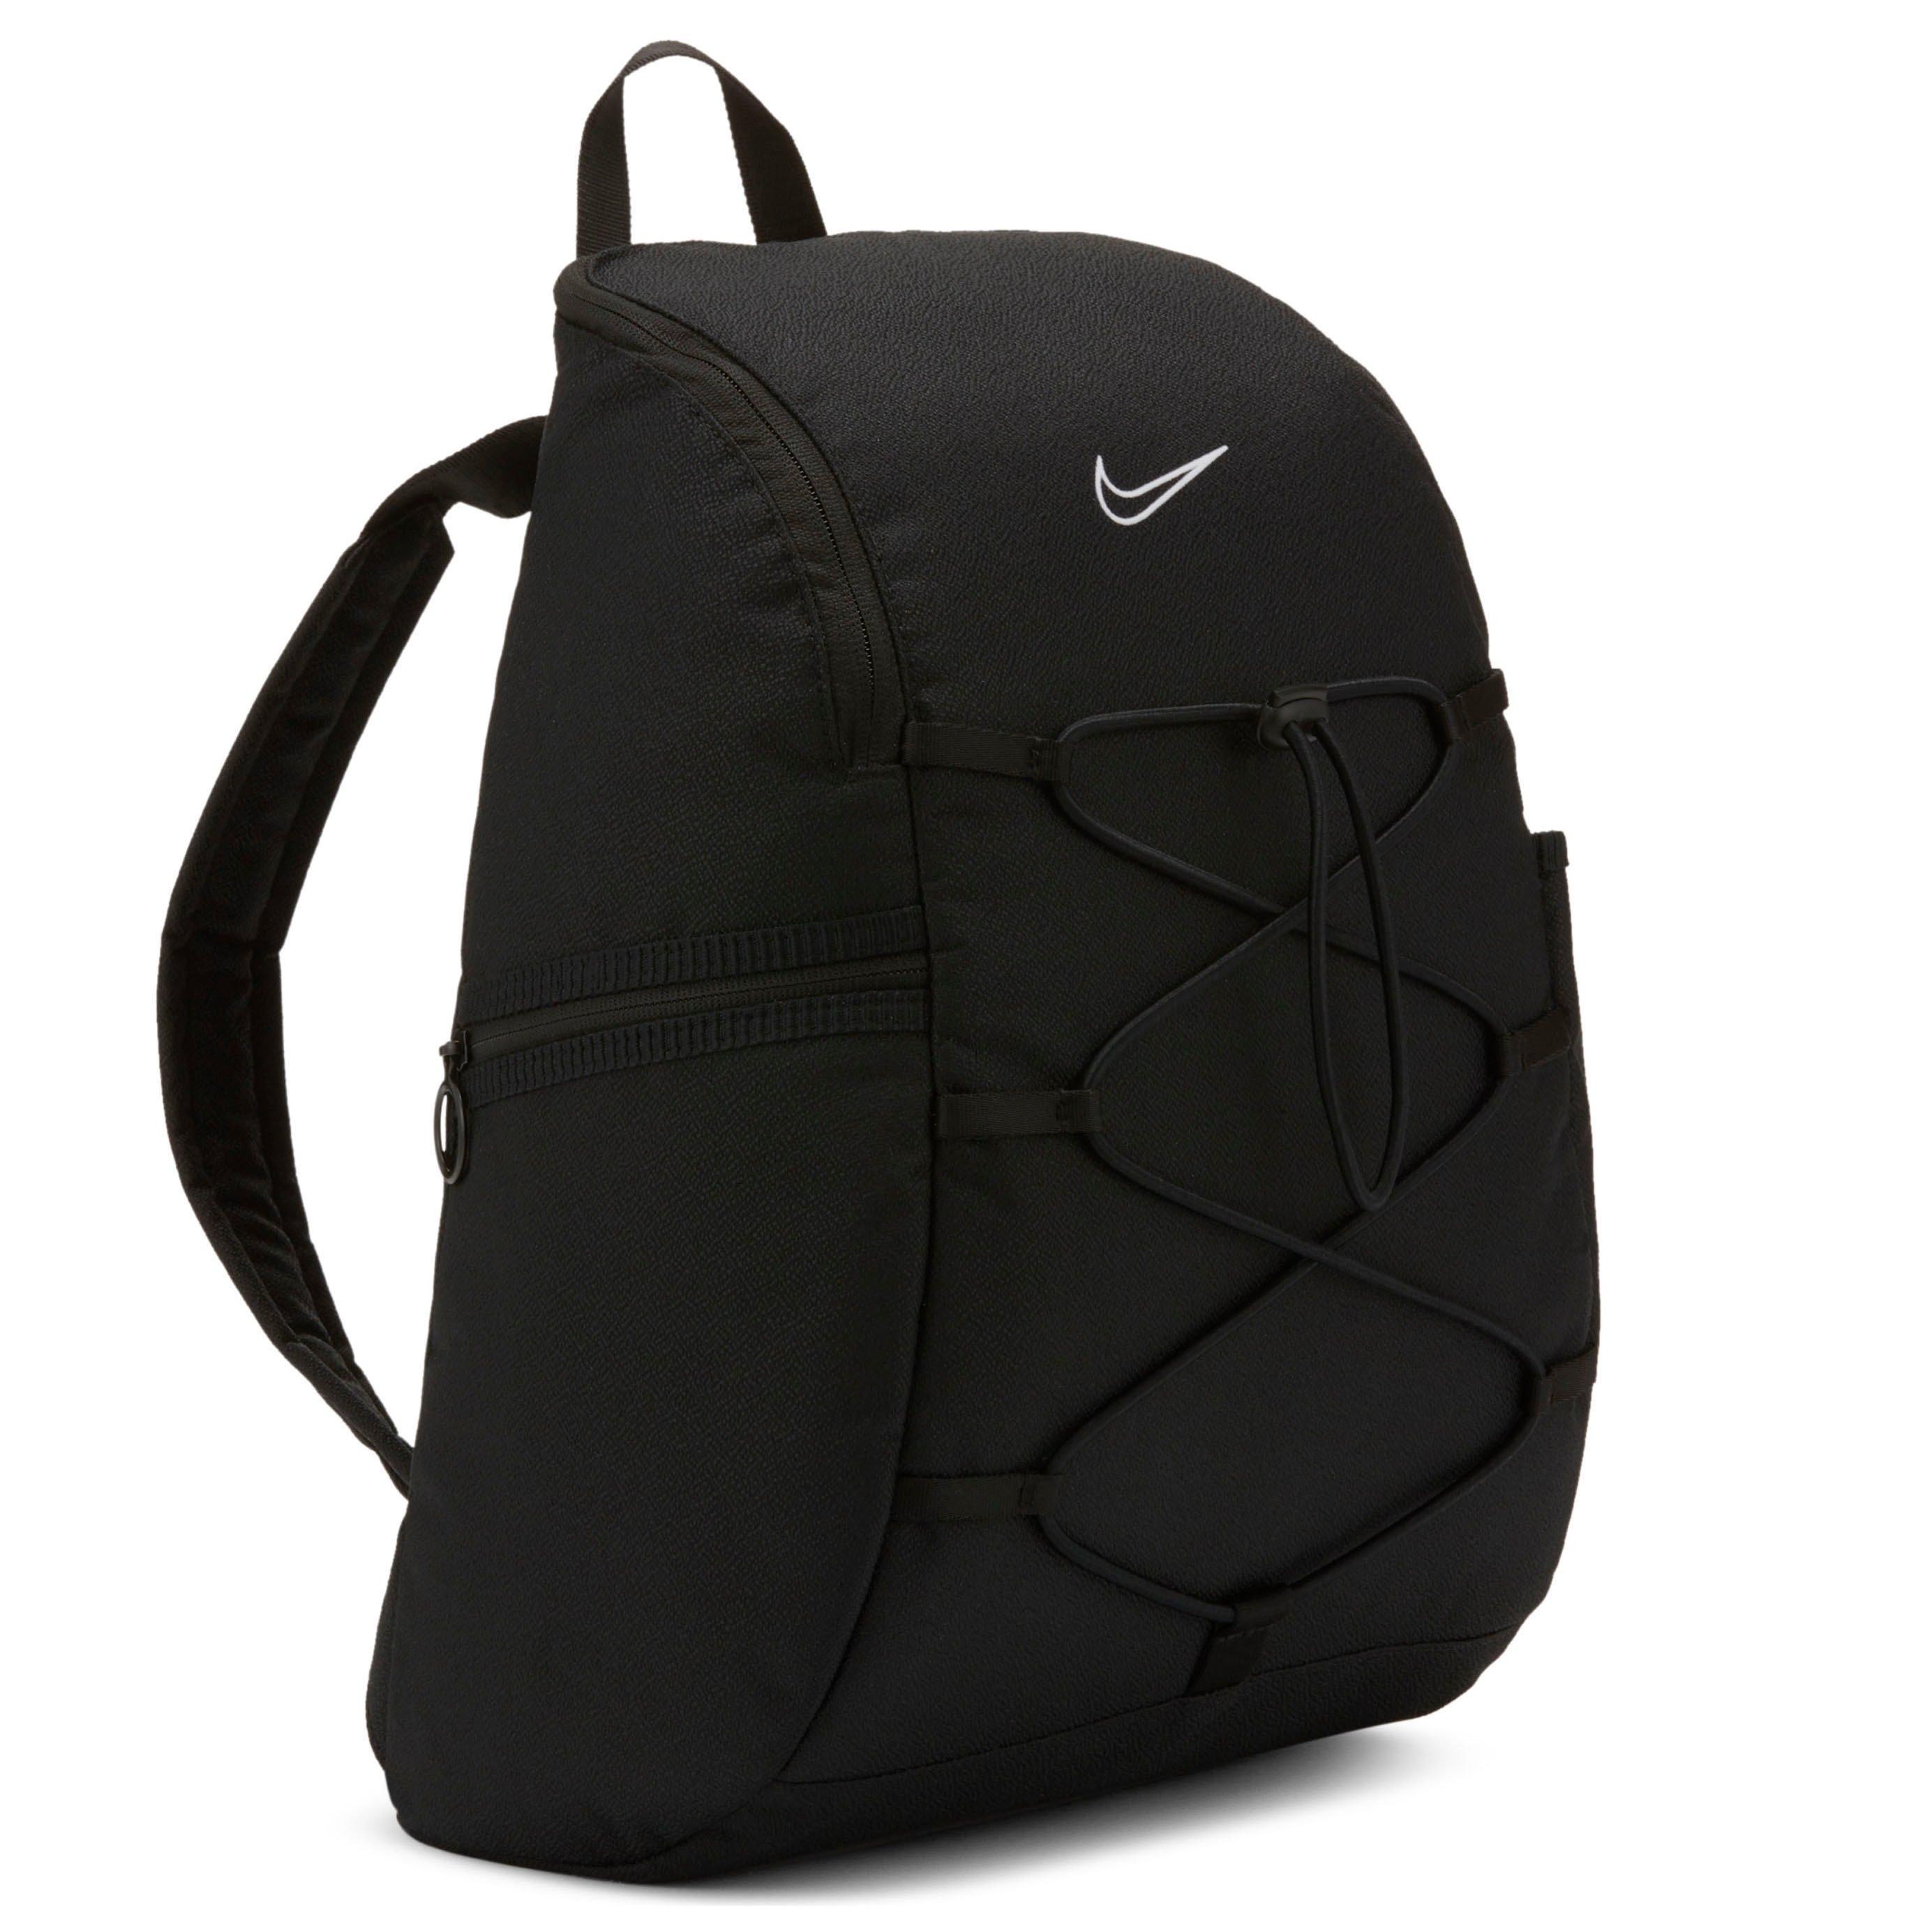 Nike sportrugzak Nike One Women's Training Backpack bij OTTO online kopen